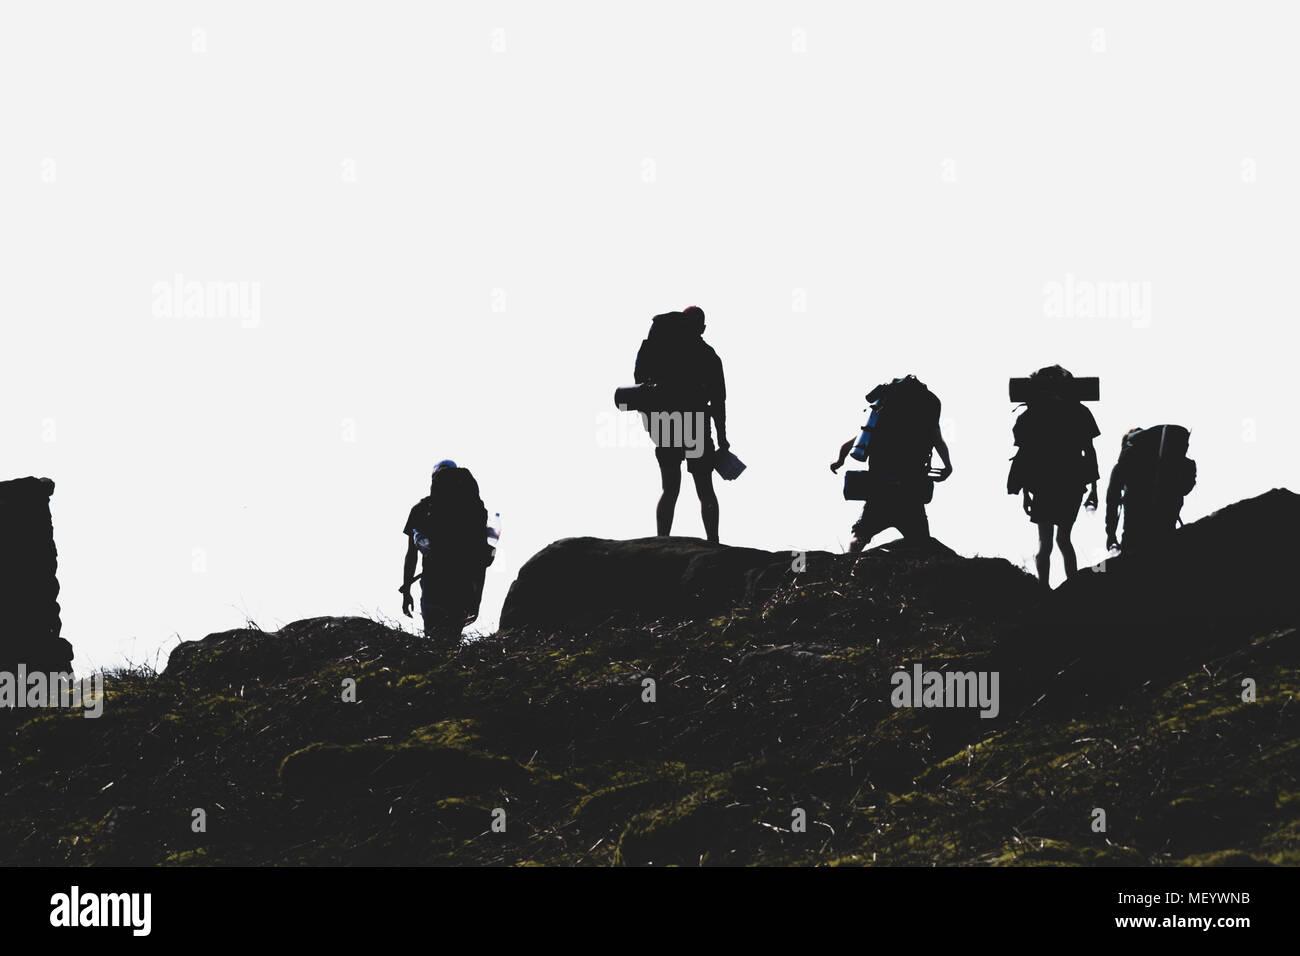 Adolescentes un Duque de Edimburgo expedición con pesadas mochilas para acampar siluetas contra el sol Imagen De Stock